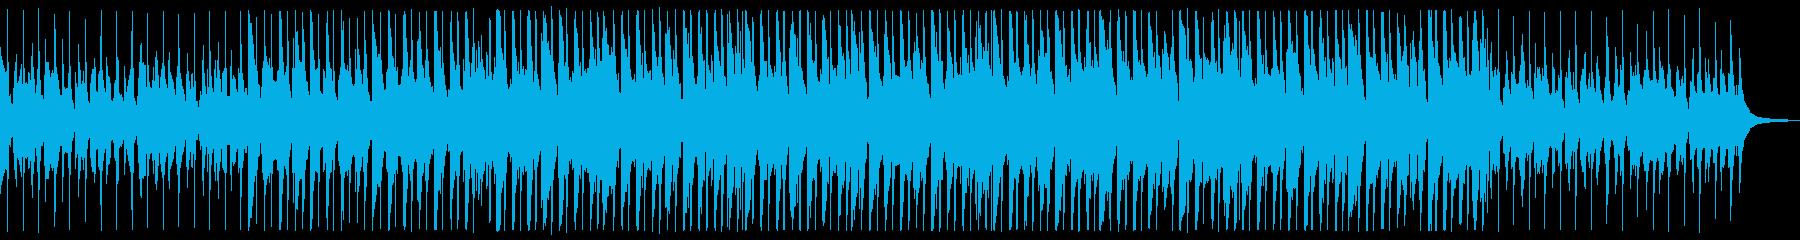 ハッピーなウクレレBGM2の再生済みの波形